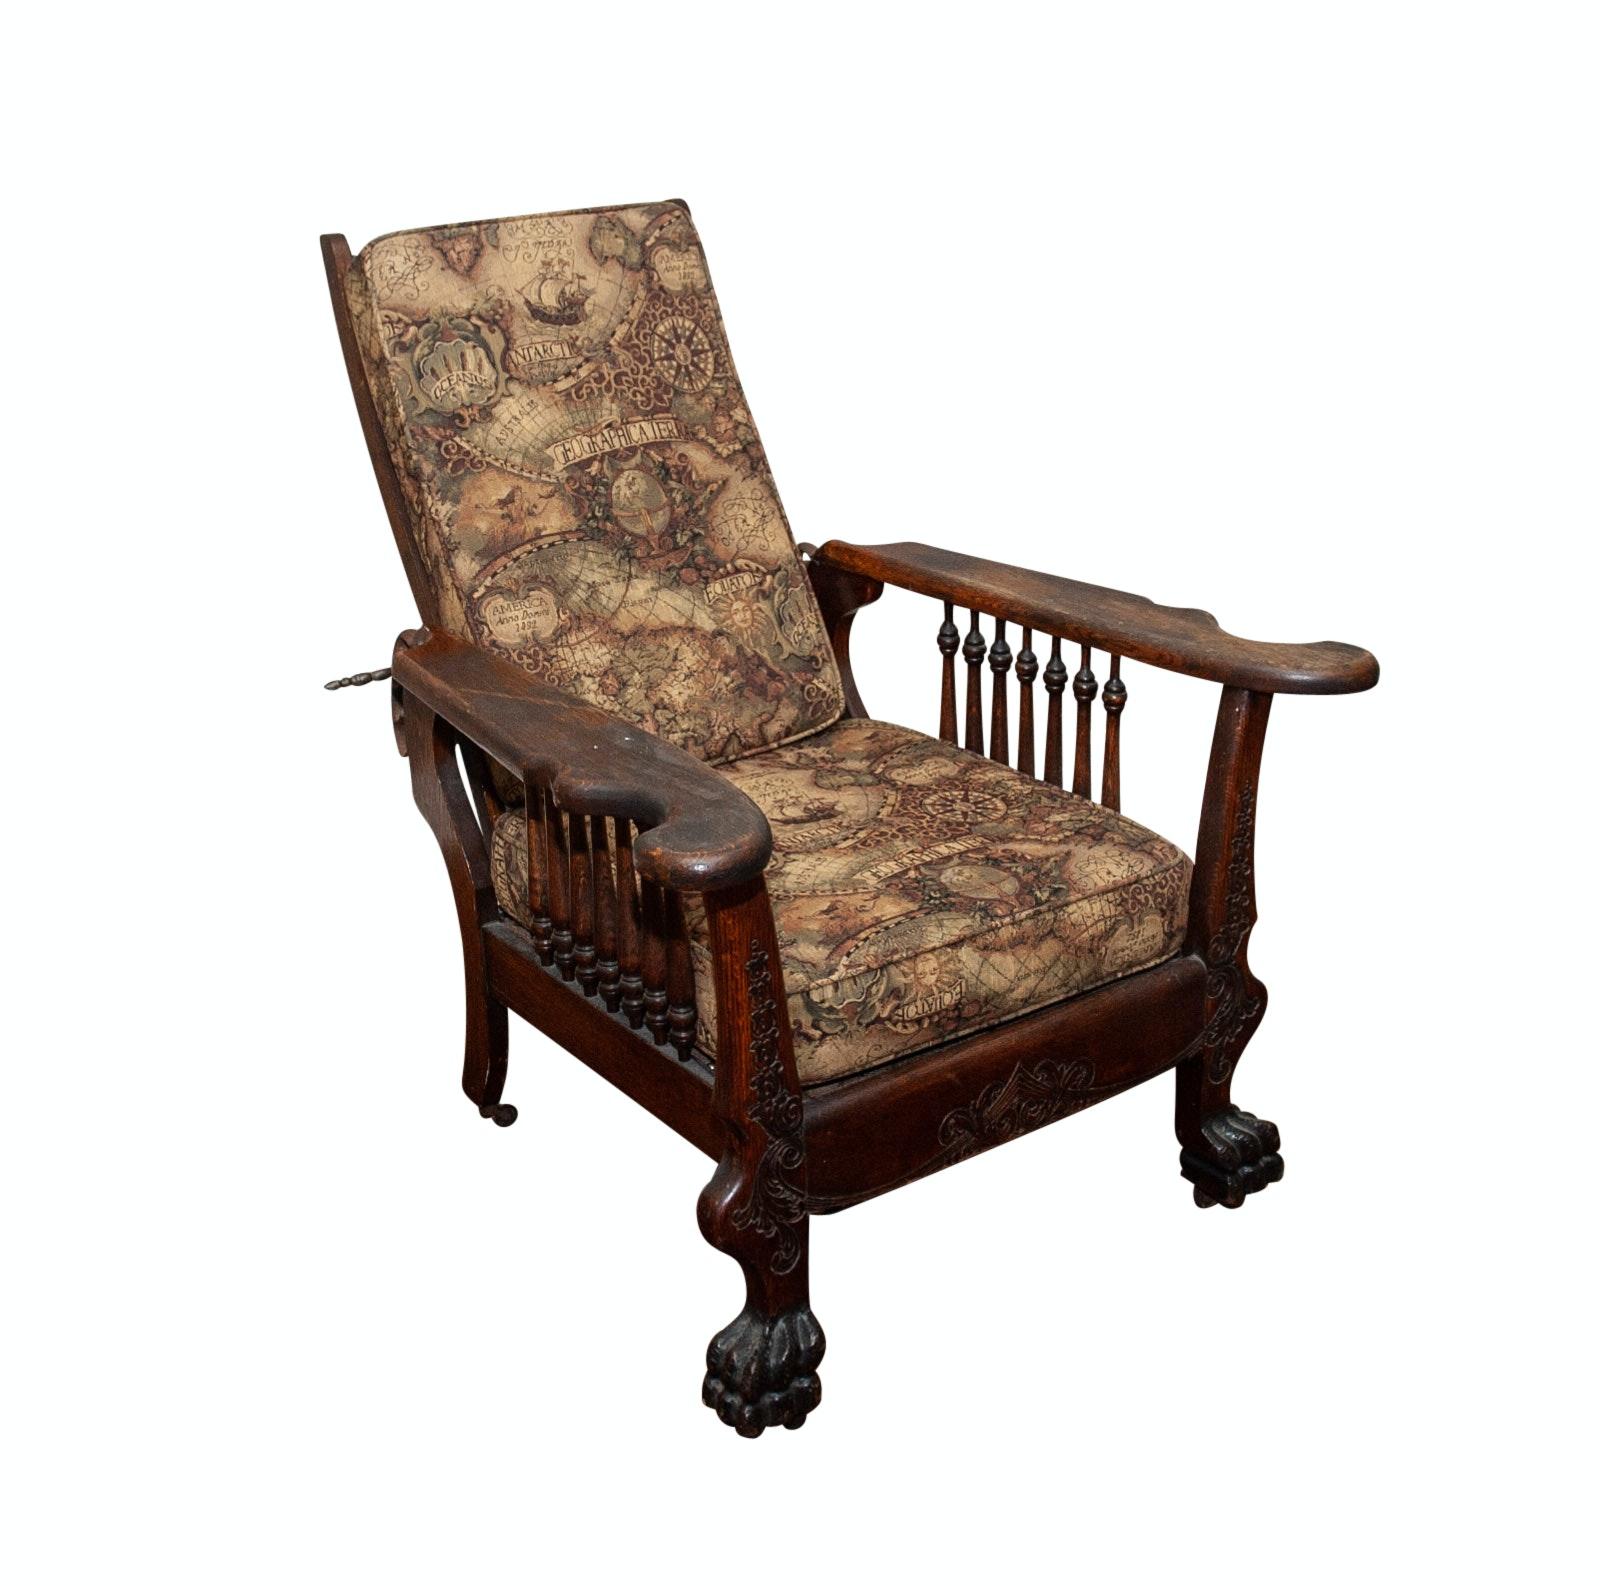 Vintage Wooden Recliner Armchair